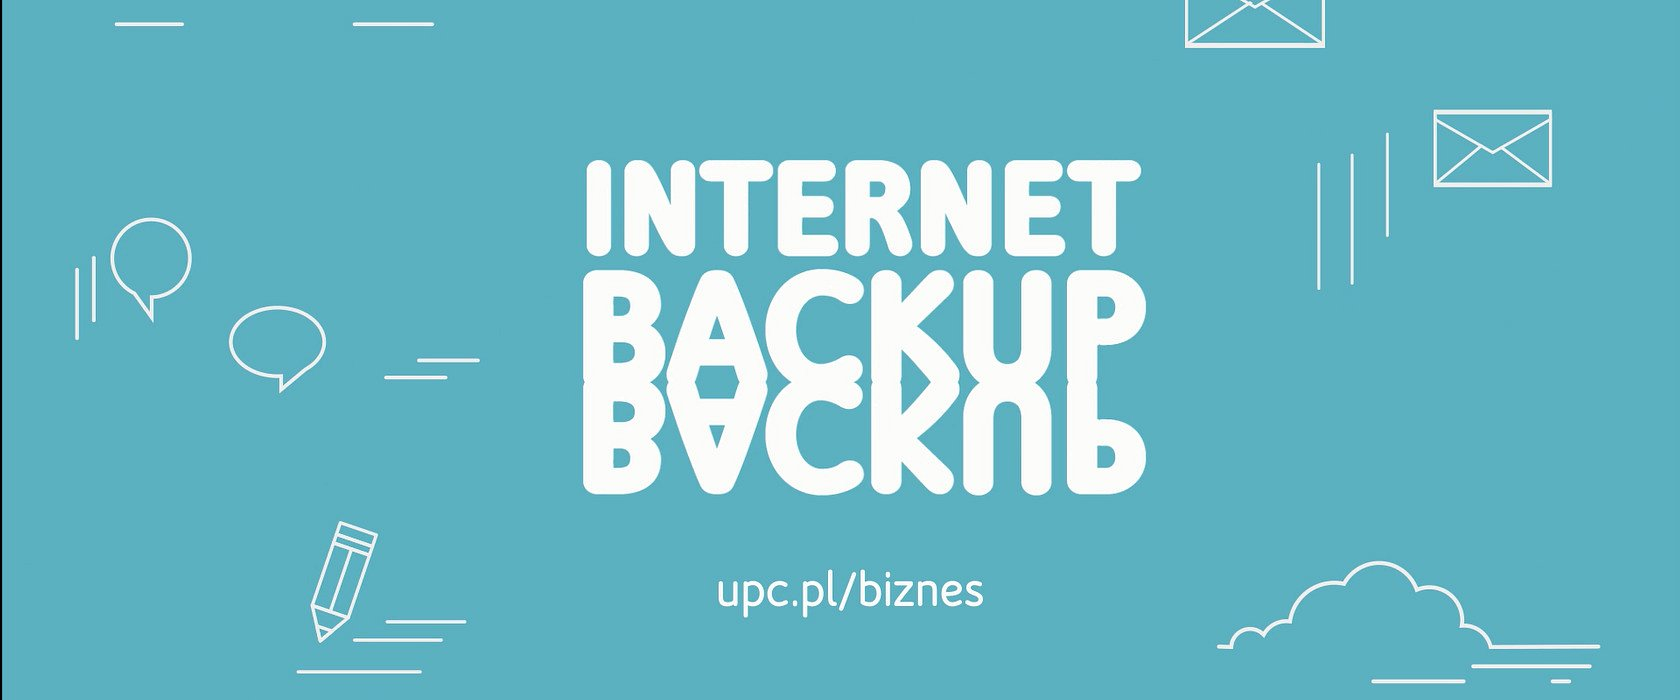 Nieprzerwany dostęp do sieci UPC dzięki Internet Backup